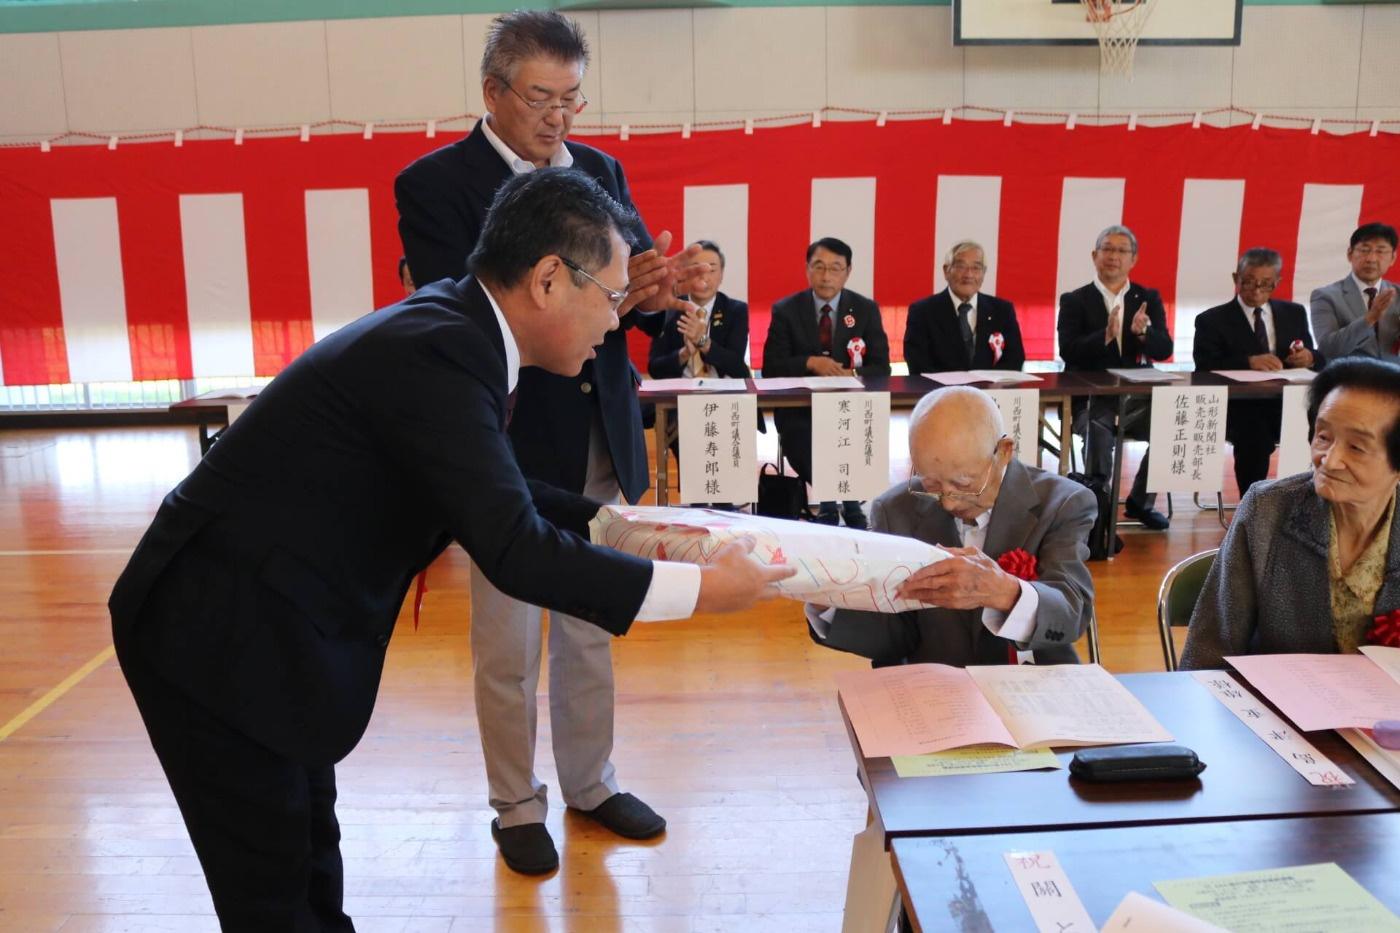 川西町と地区社協推進委員会からの記念品が贈呈されている様子